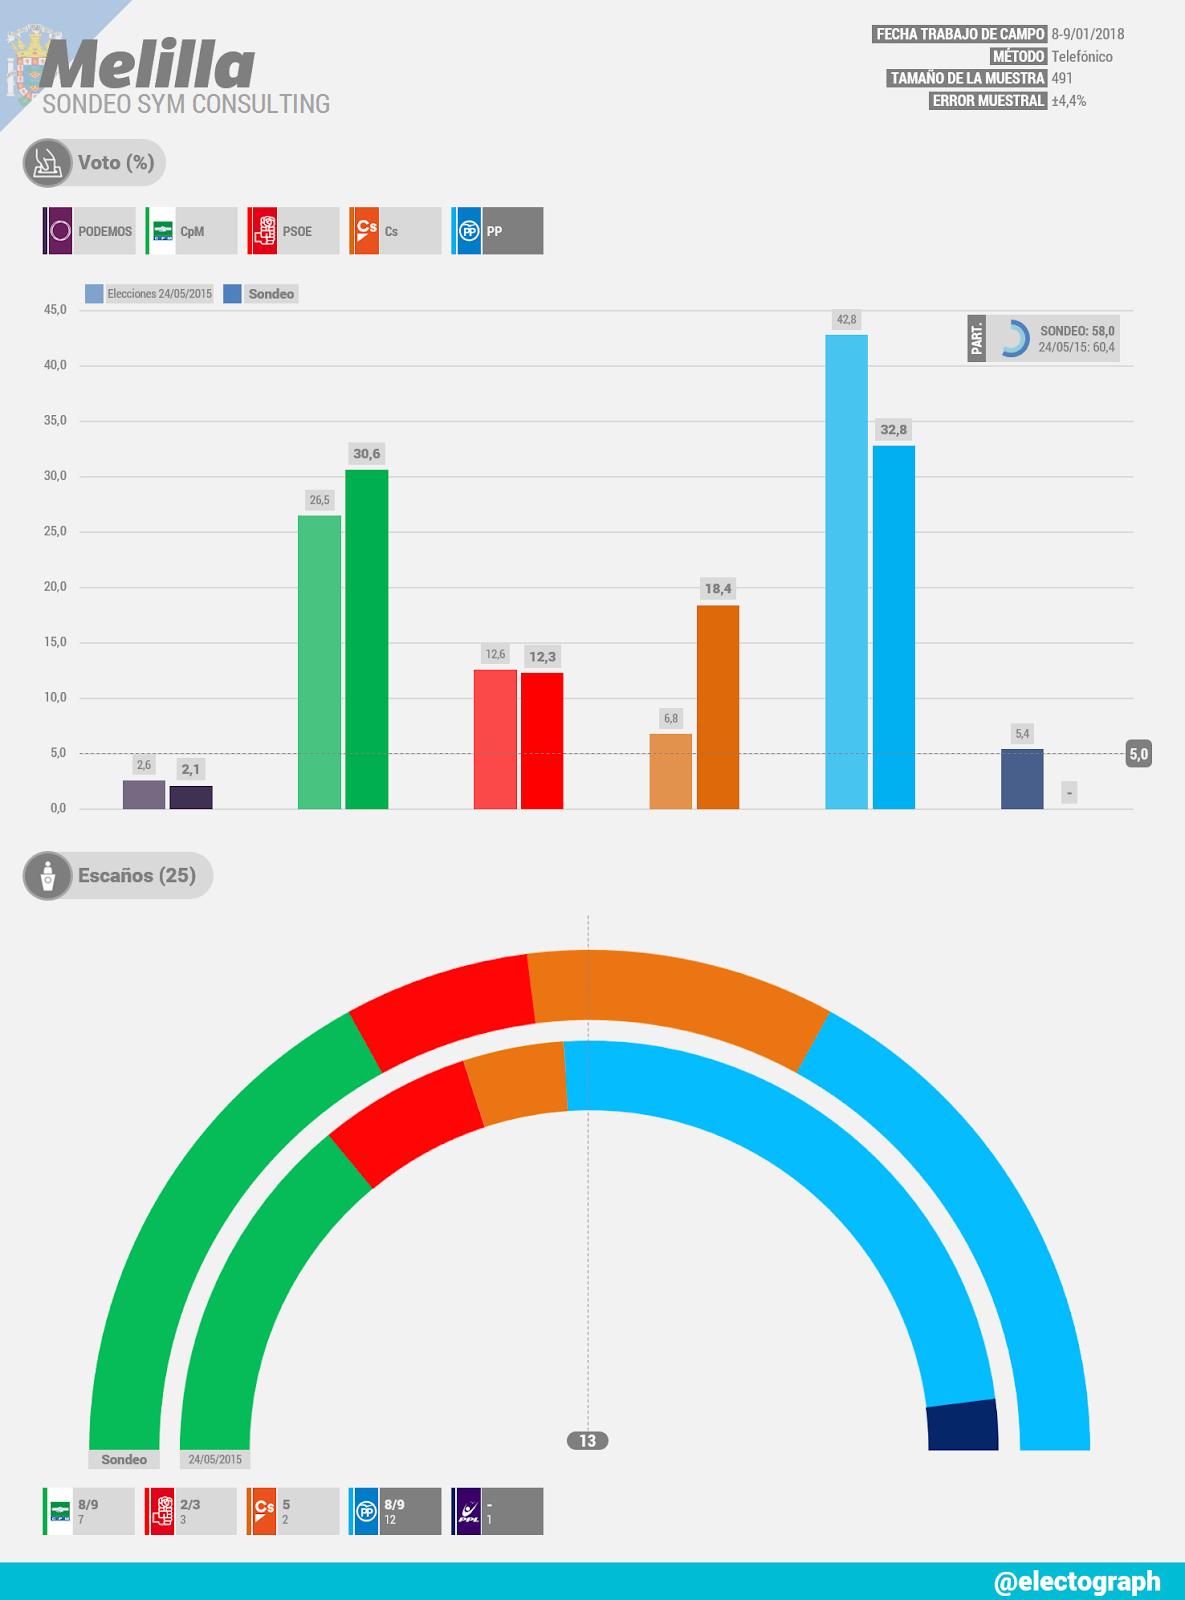 Gráfico de la encuesta para elecciones autonómicas en Melilla realizada por SyM Consulting en febrero de 2018